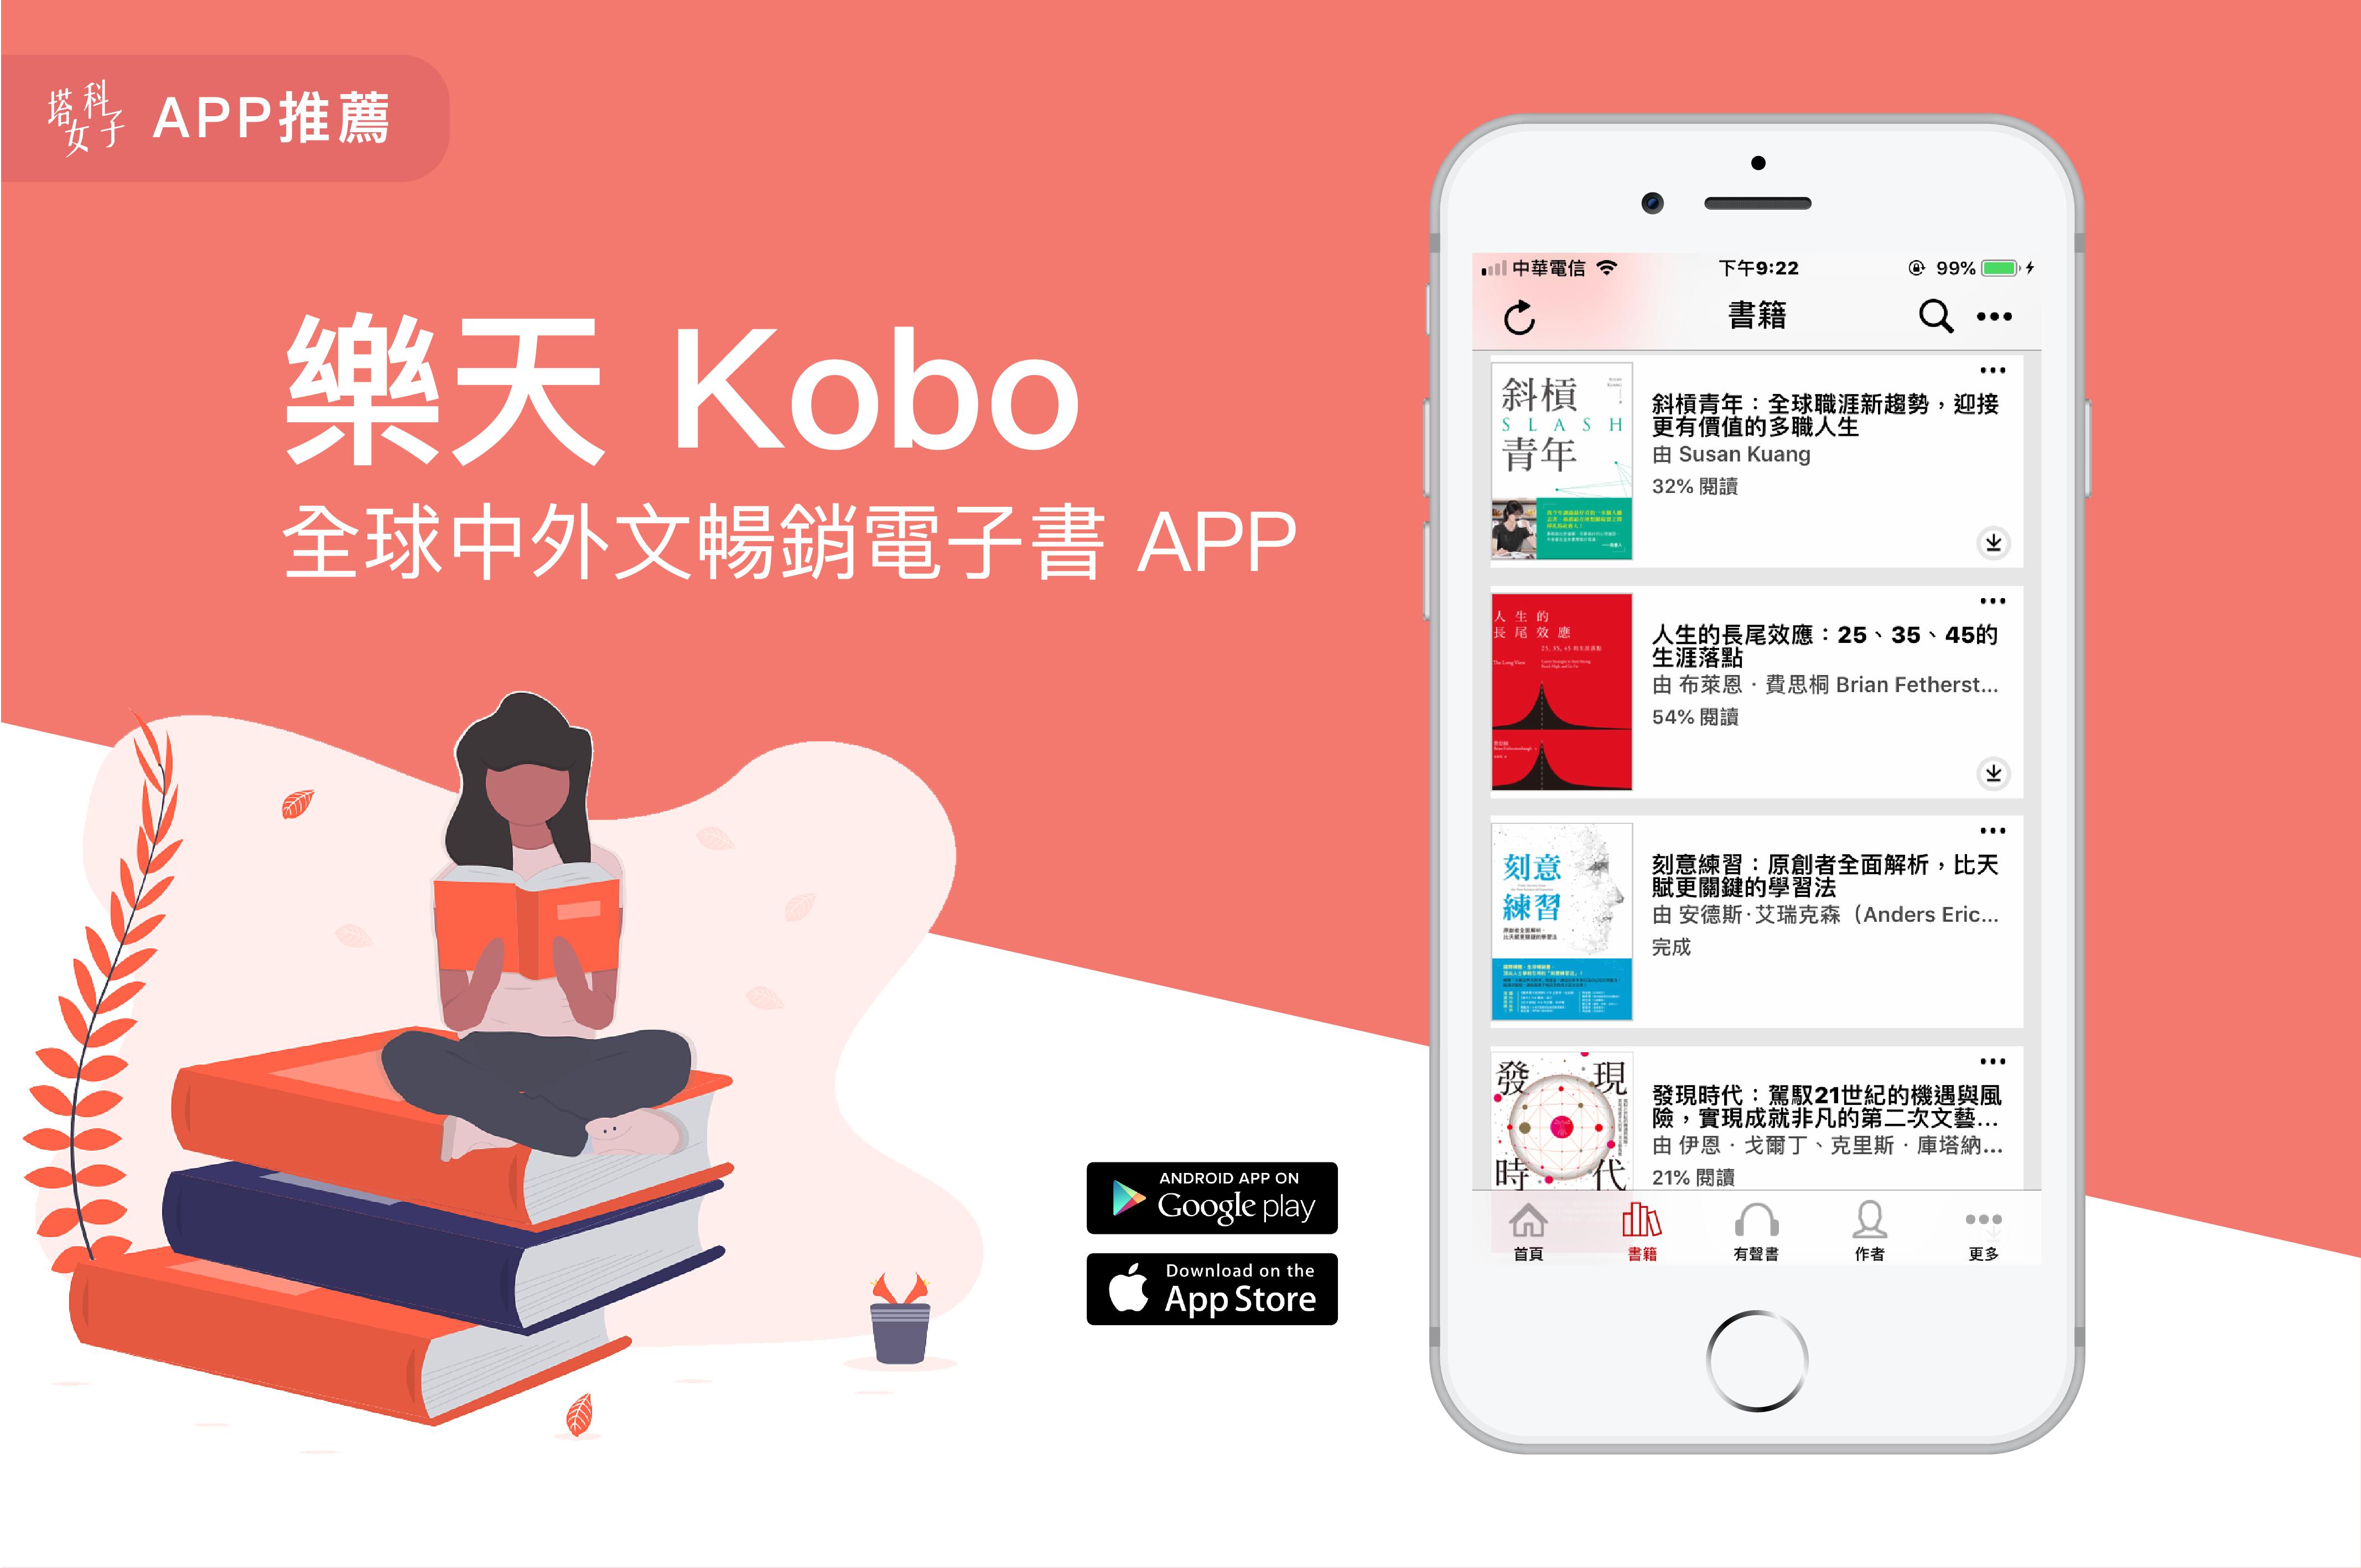 電子書APP - 樂天 Kobo